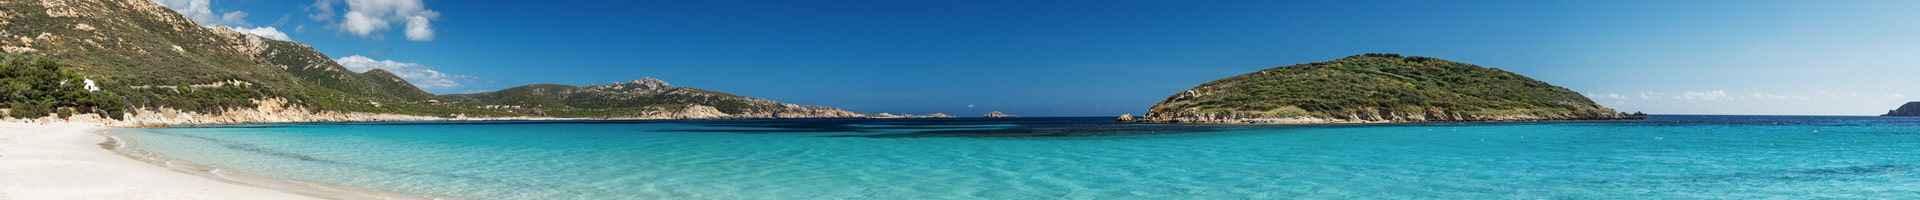 Traghetto per la Sardegna - Slide 3